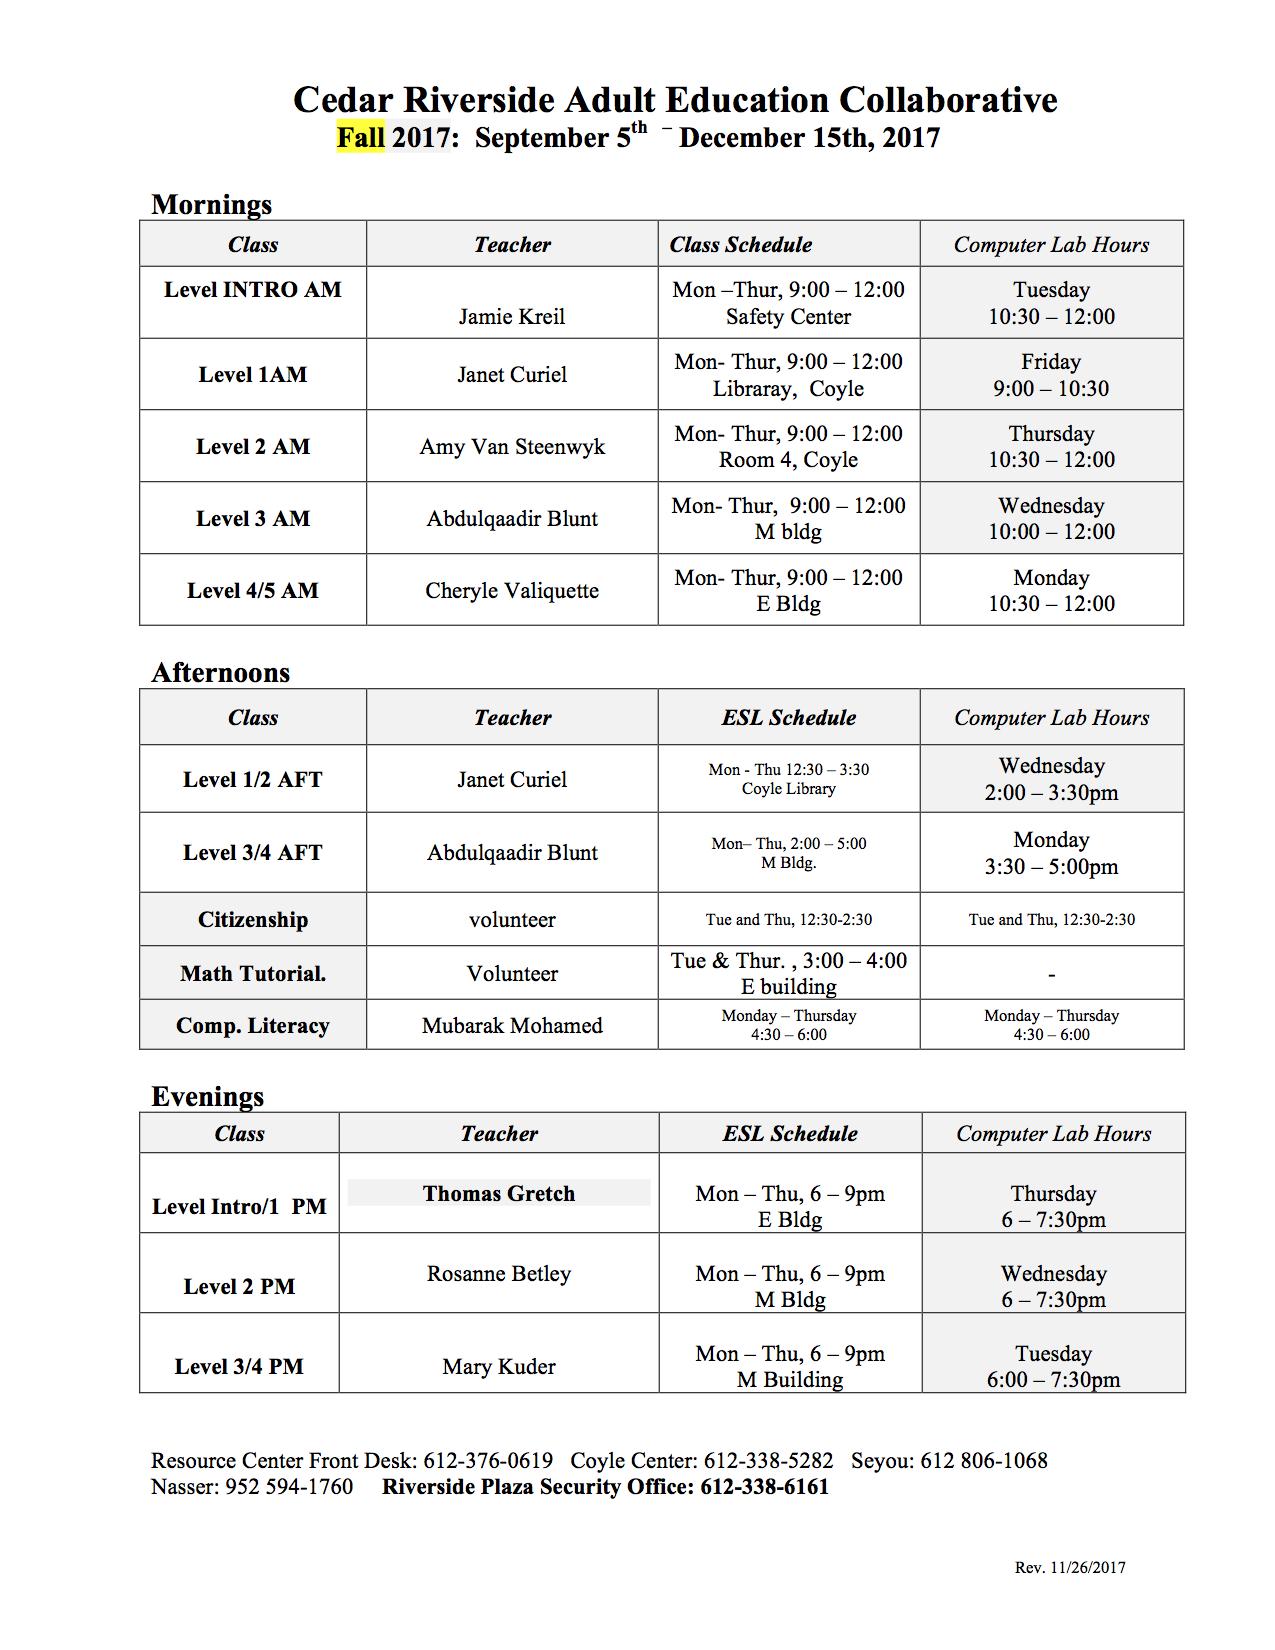 CRAEC_Class_Schedule_Fall_2017.png